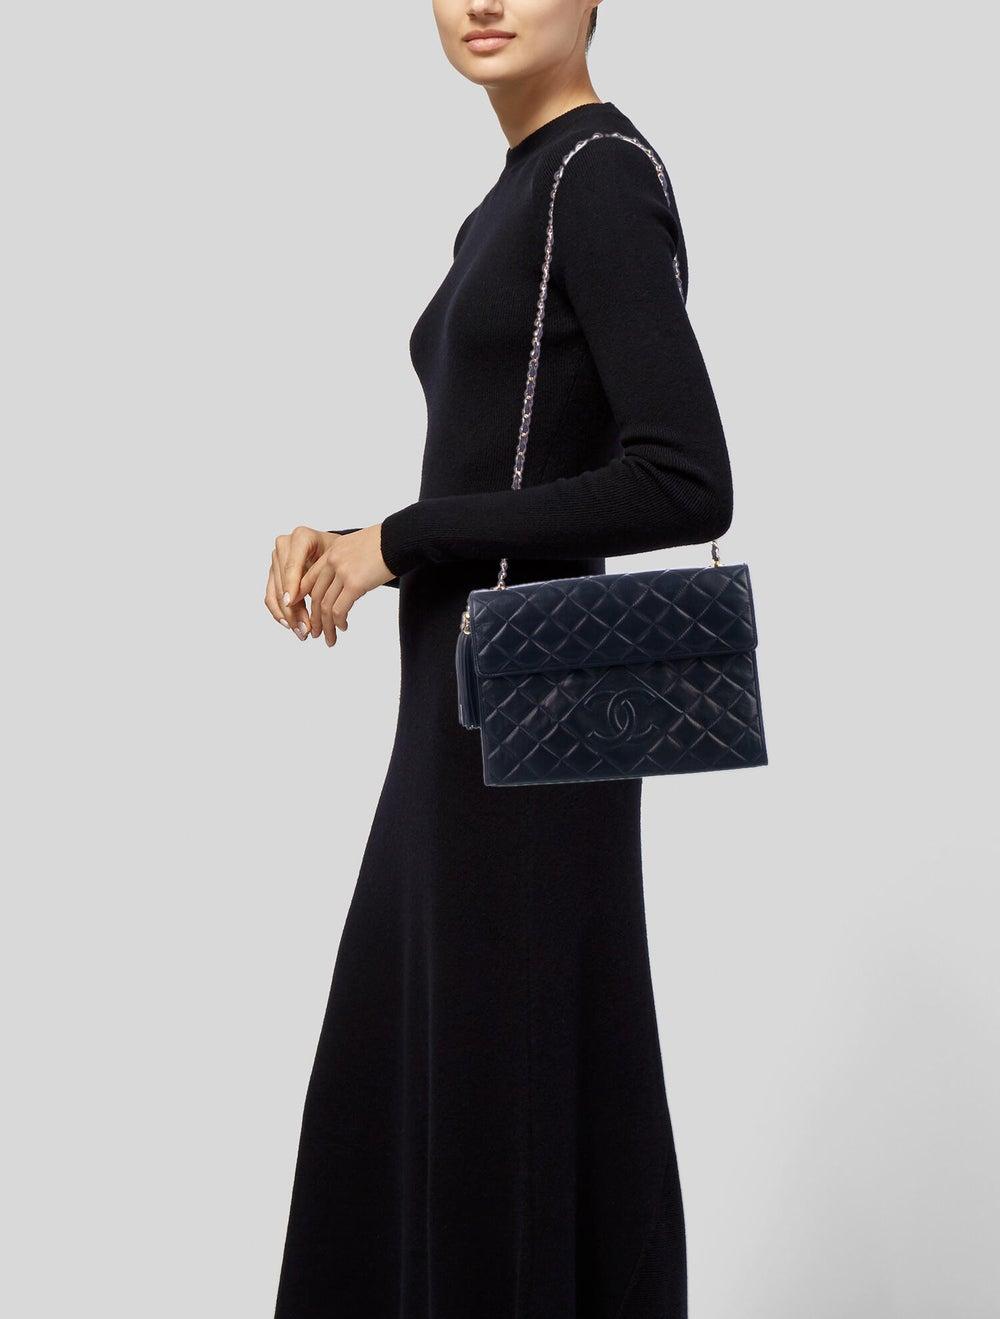 Chanel Vintage Tassel Flap Bag Blue - image 2